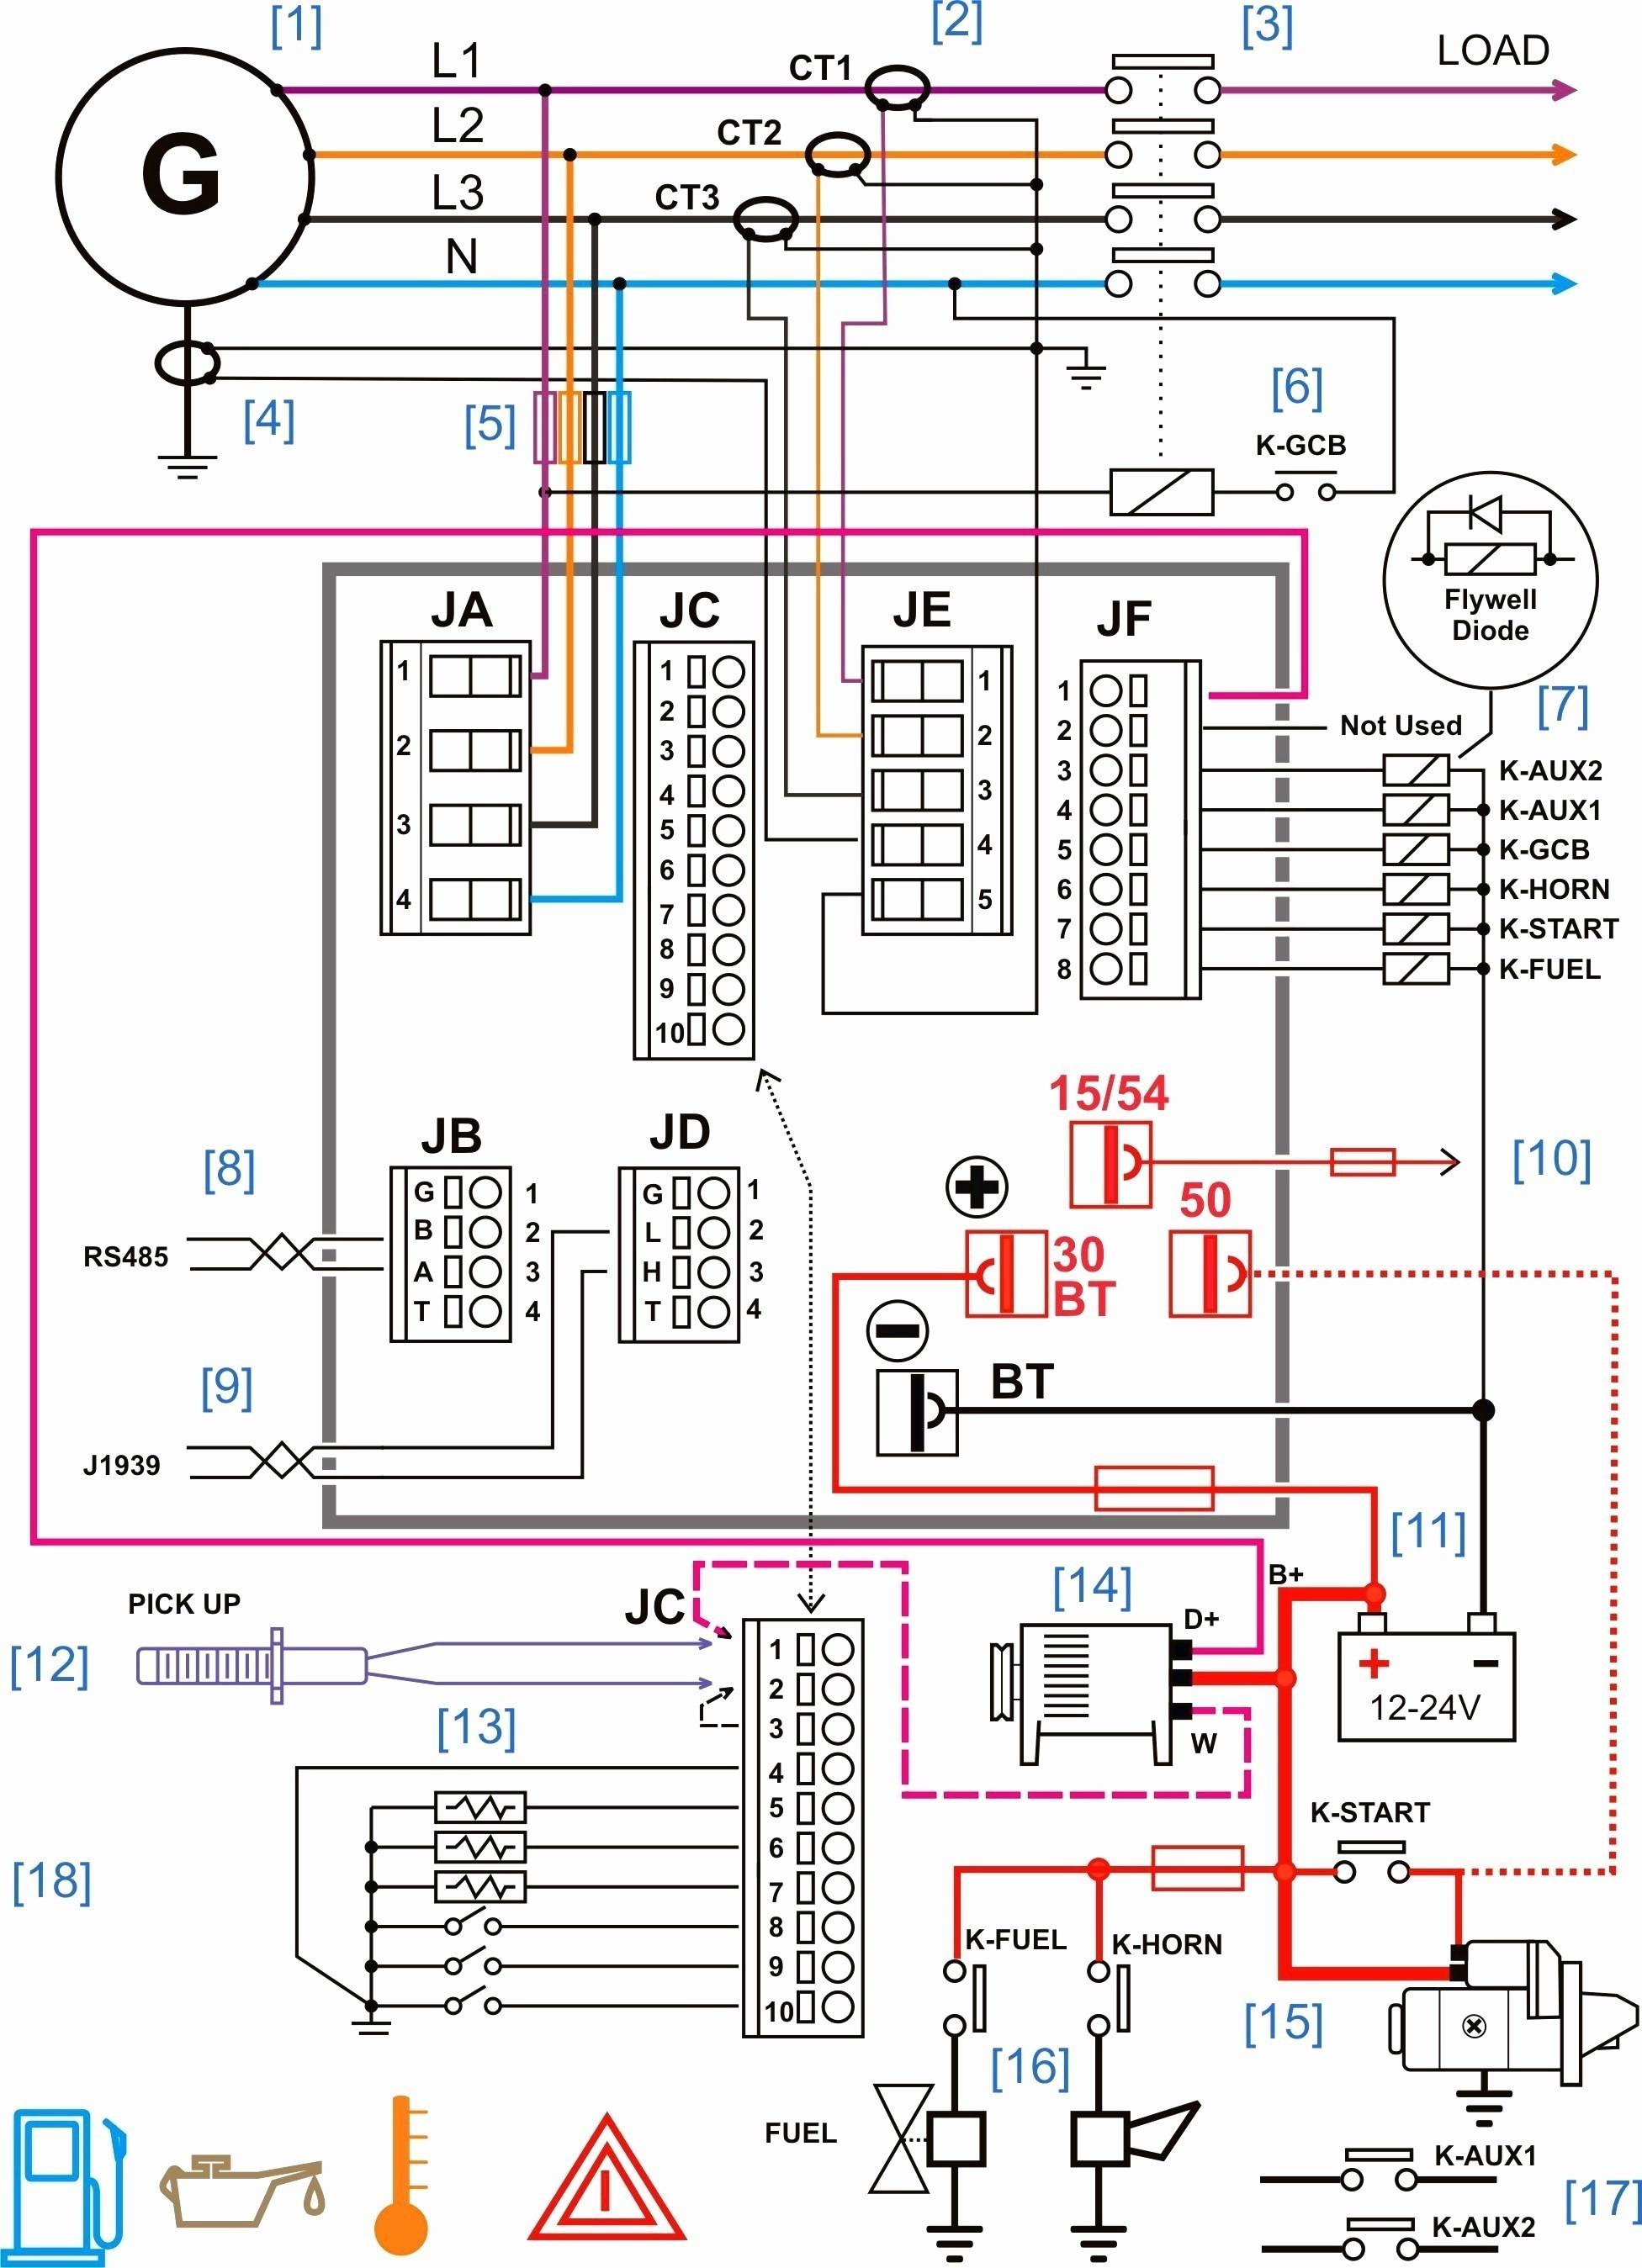 Diagram Of Car Motor Wiring Diagram Book Best Wiring Harness Diagram Book Car Stereo Of Diagram Of Car Motor